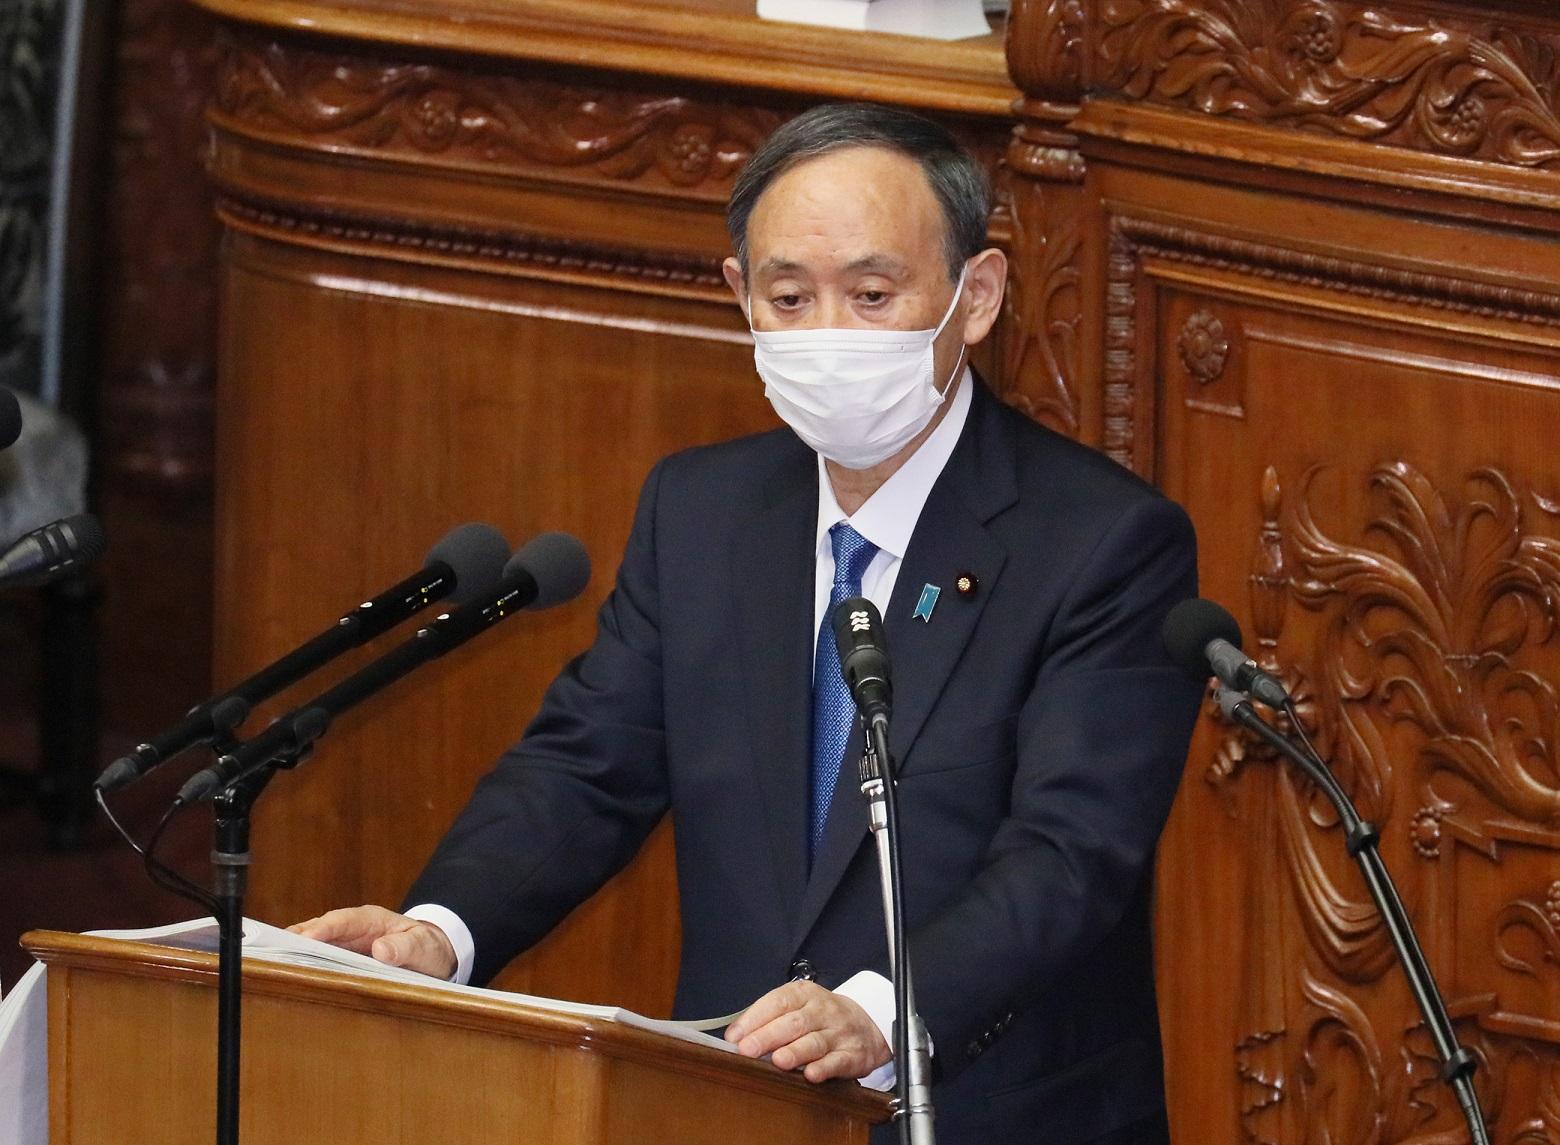 菅内閣で関心のある政策、「新型コロナ対策」が過半数